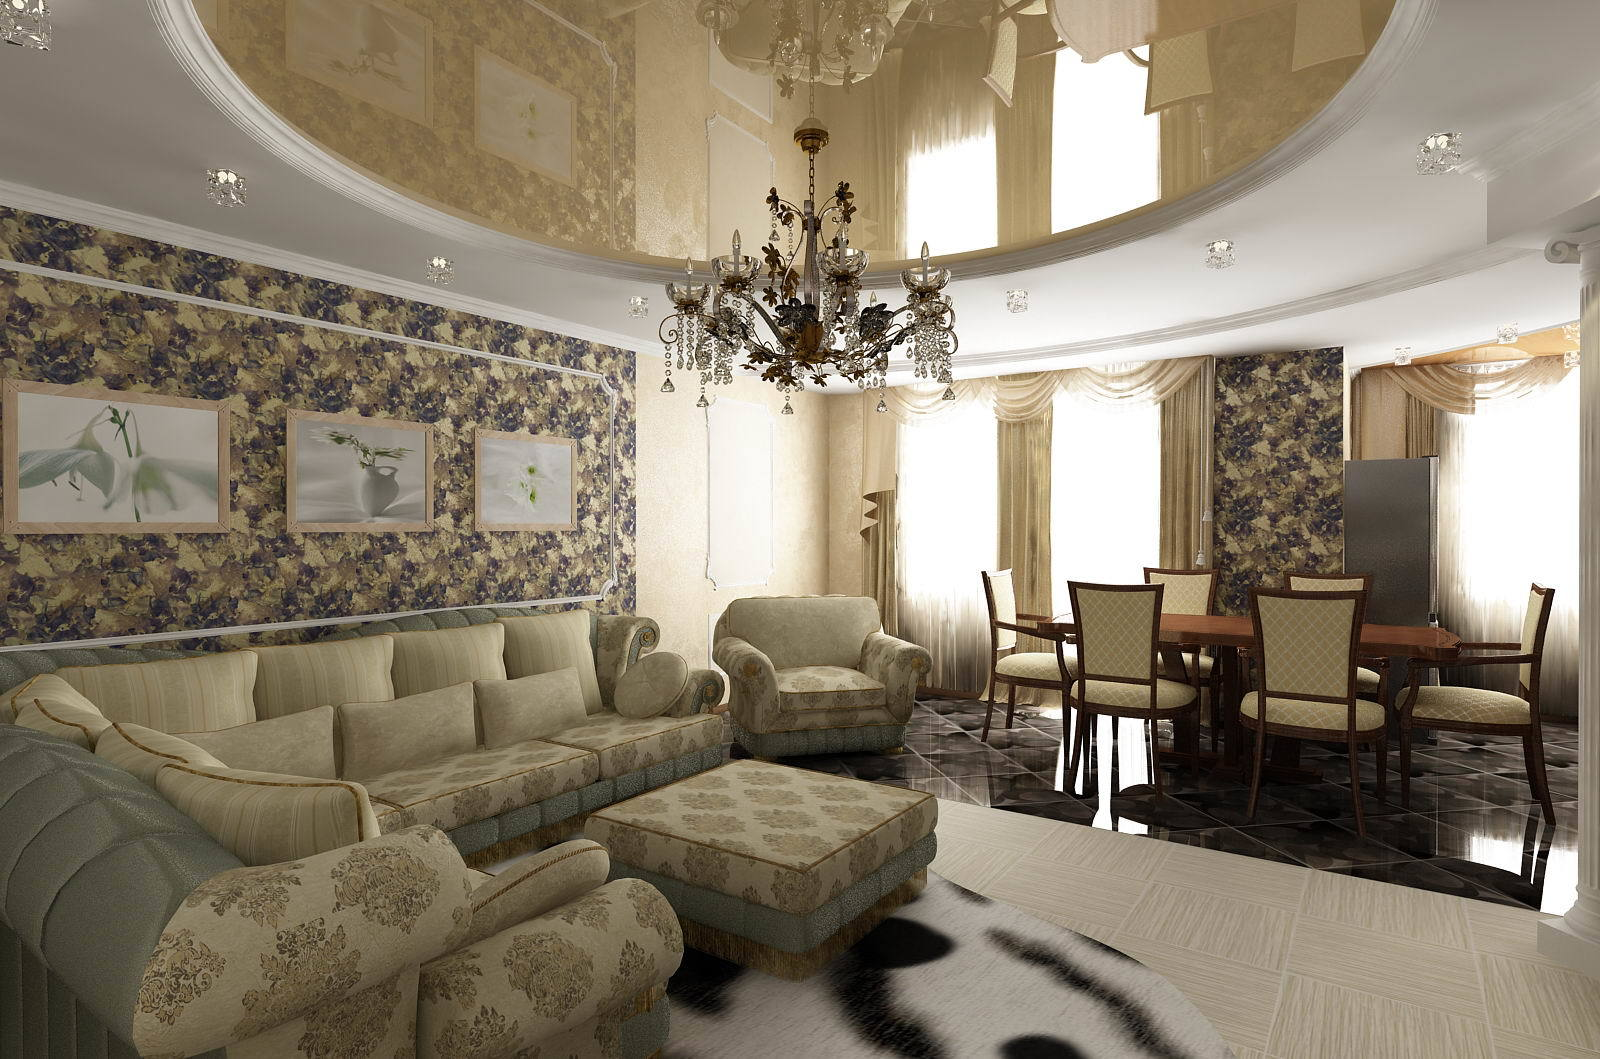 Классическая гостиная отличается спокойными цветами в интерьере, преимущественно пастельными мягкими тонами.